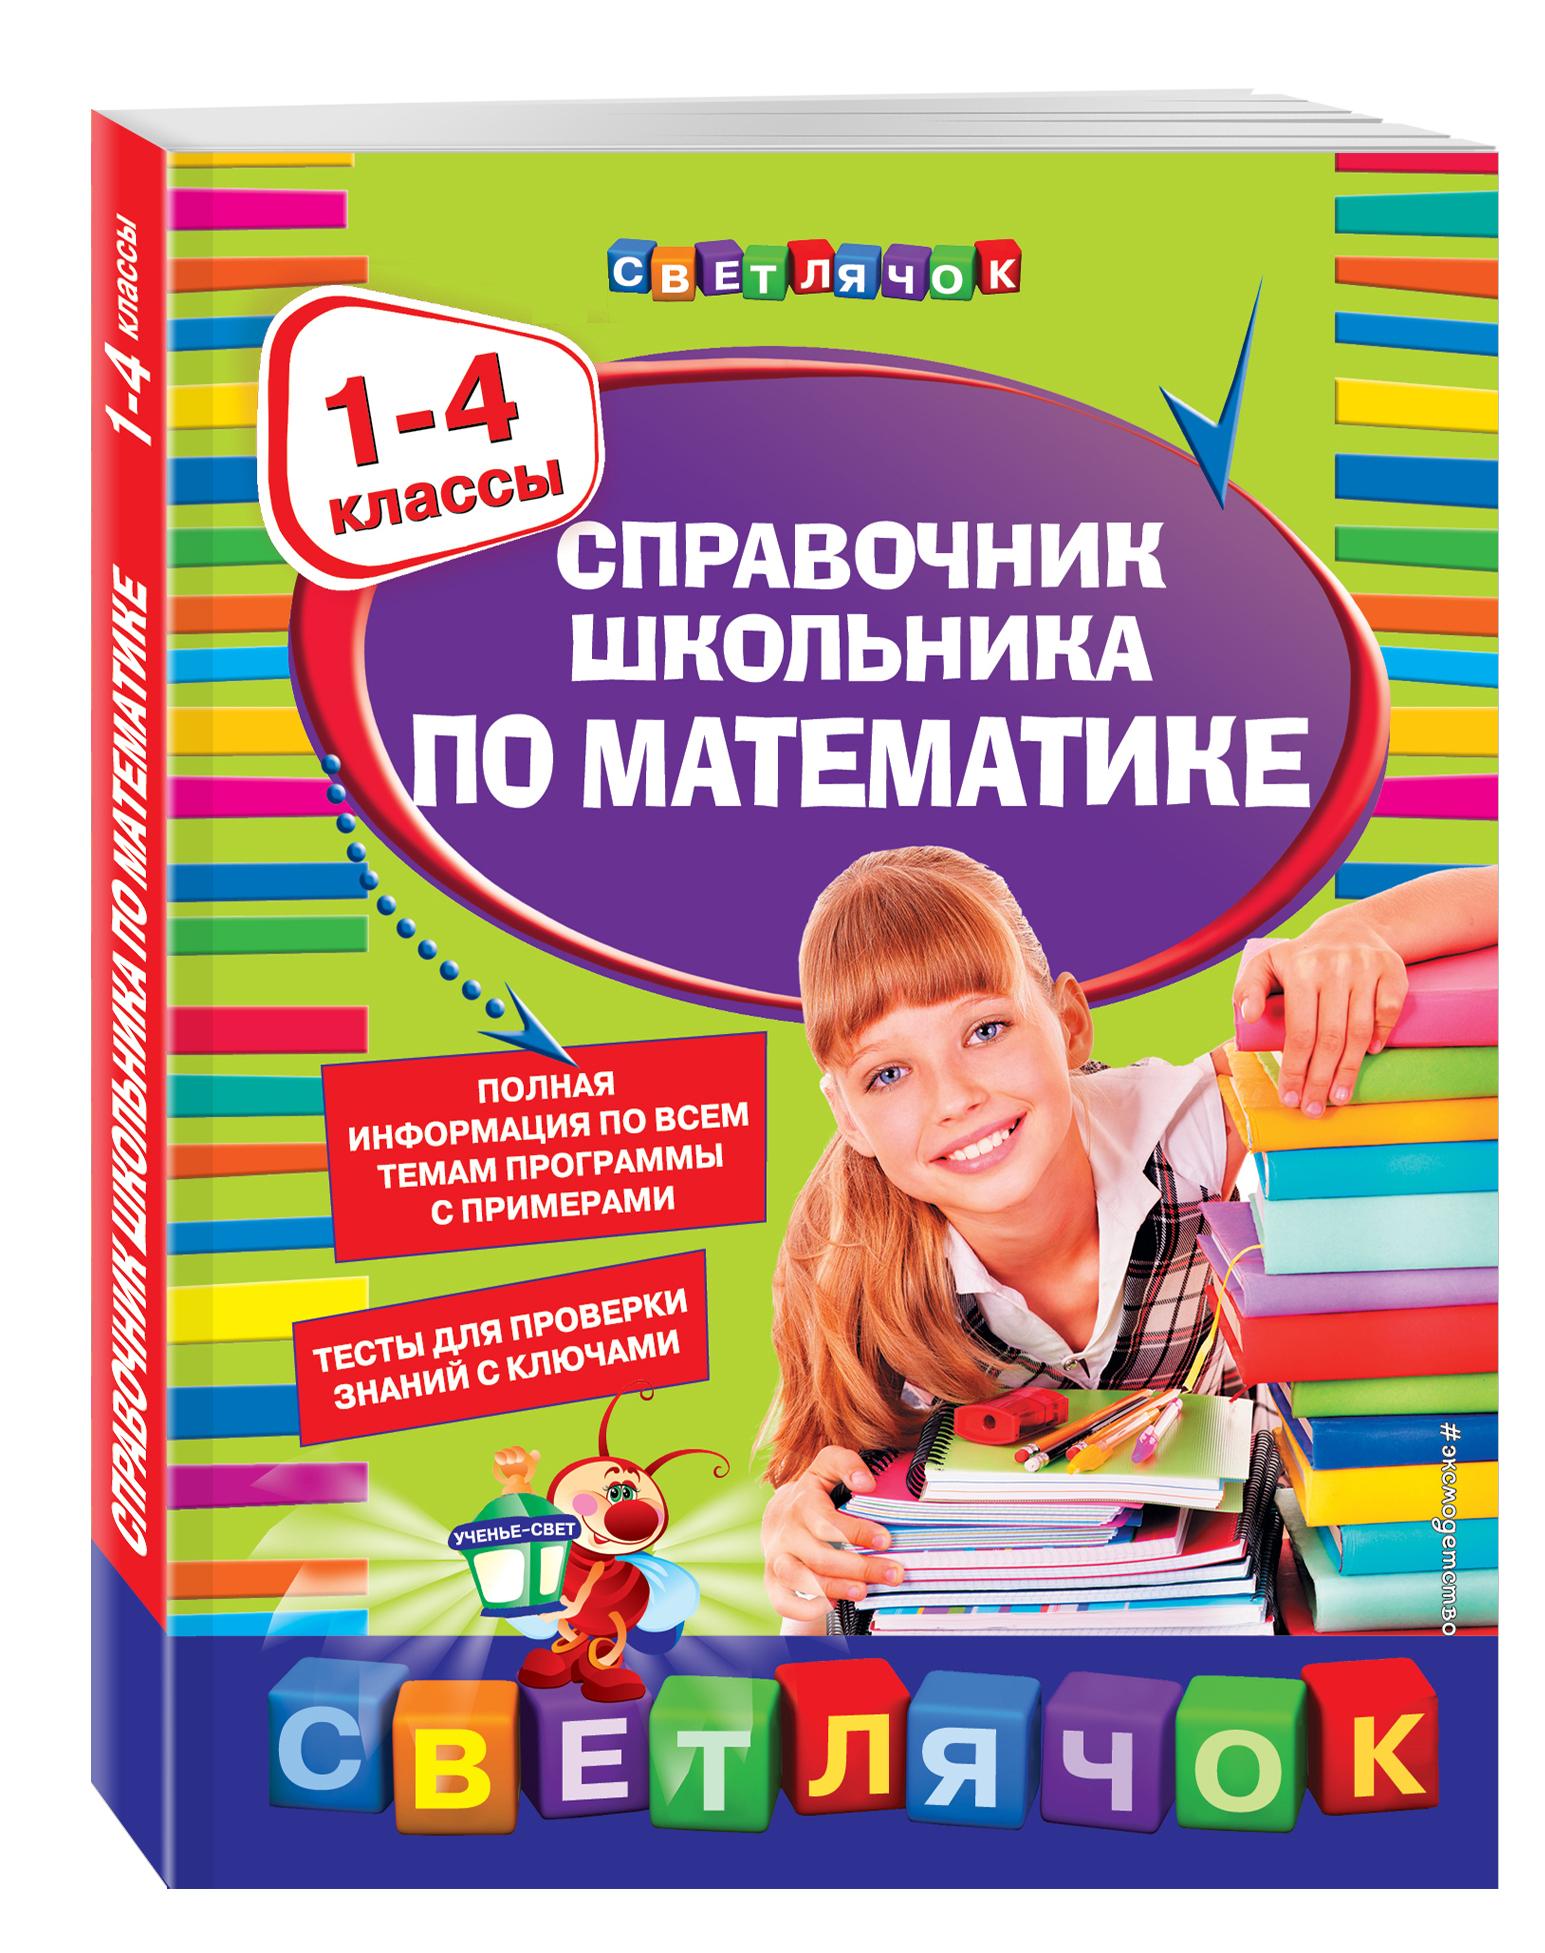 Справочник школьника по математике:1-4 классы